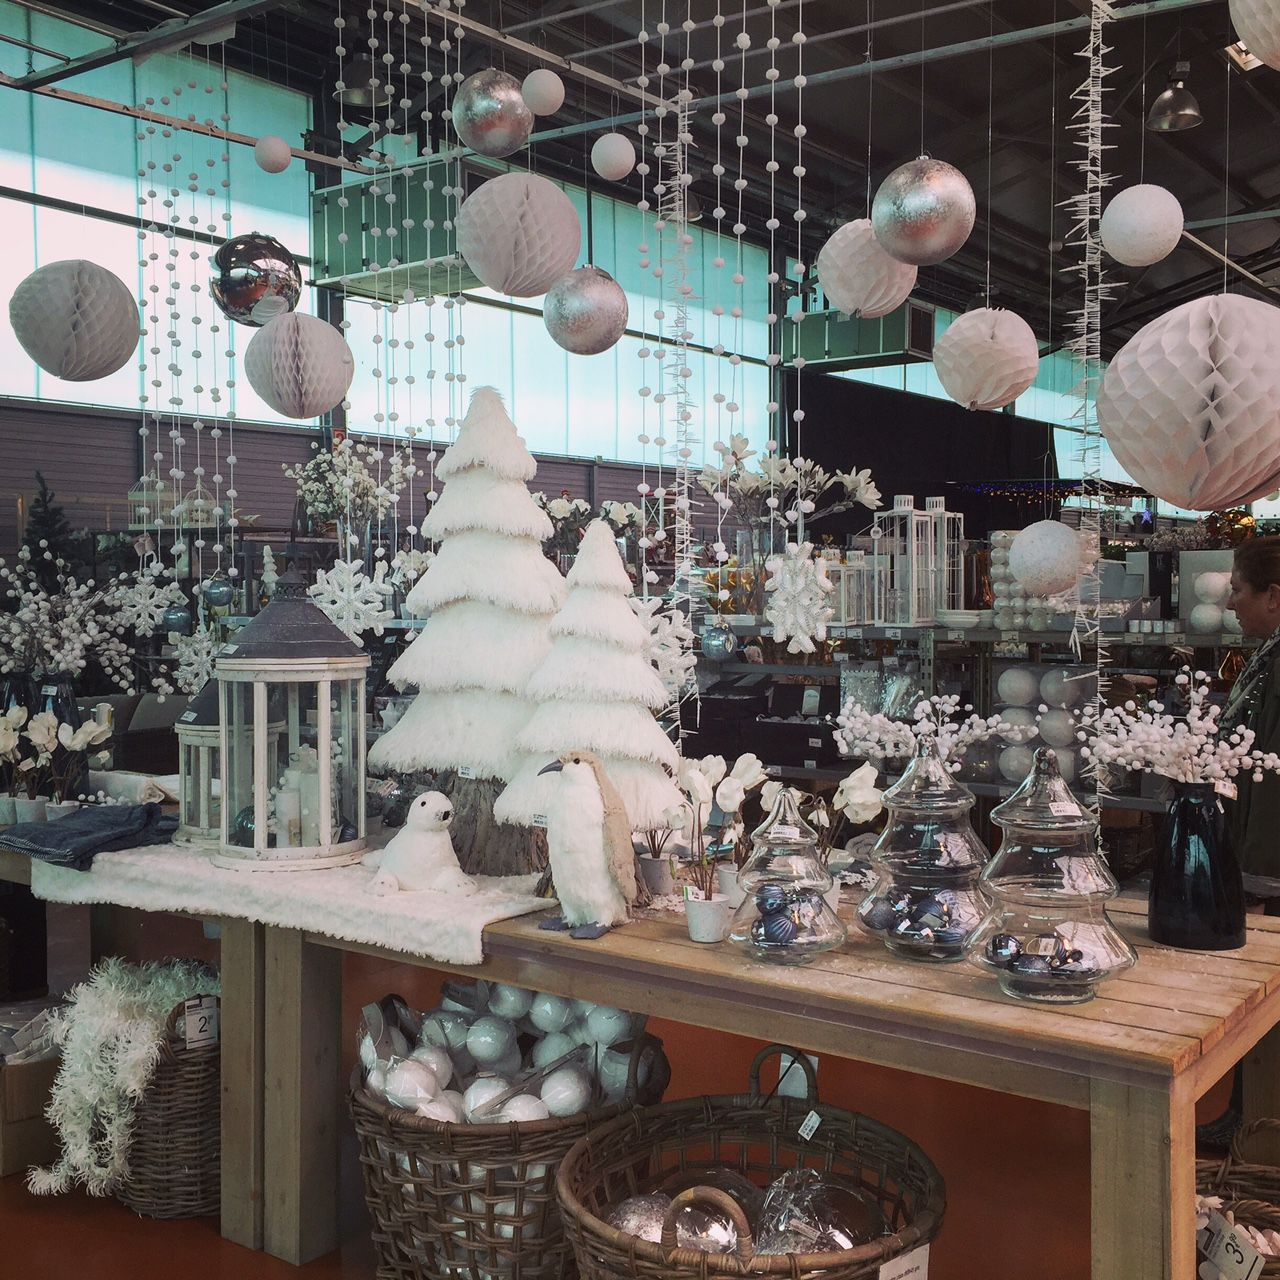 dc28b62c19d51 Decoraci n de navidad viste tu casa consejos verdecora - Verdecora navidad .